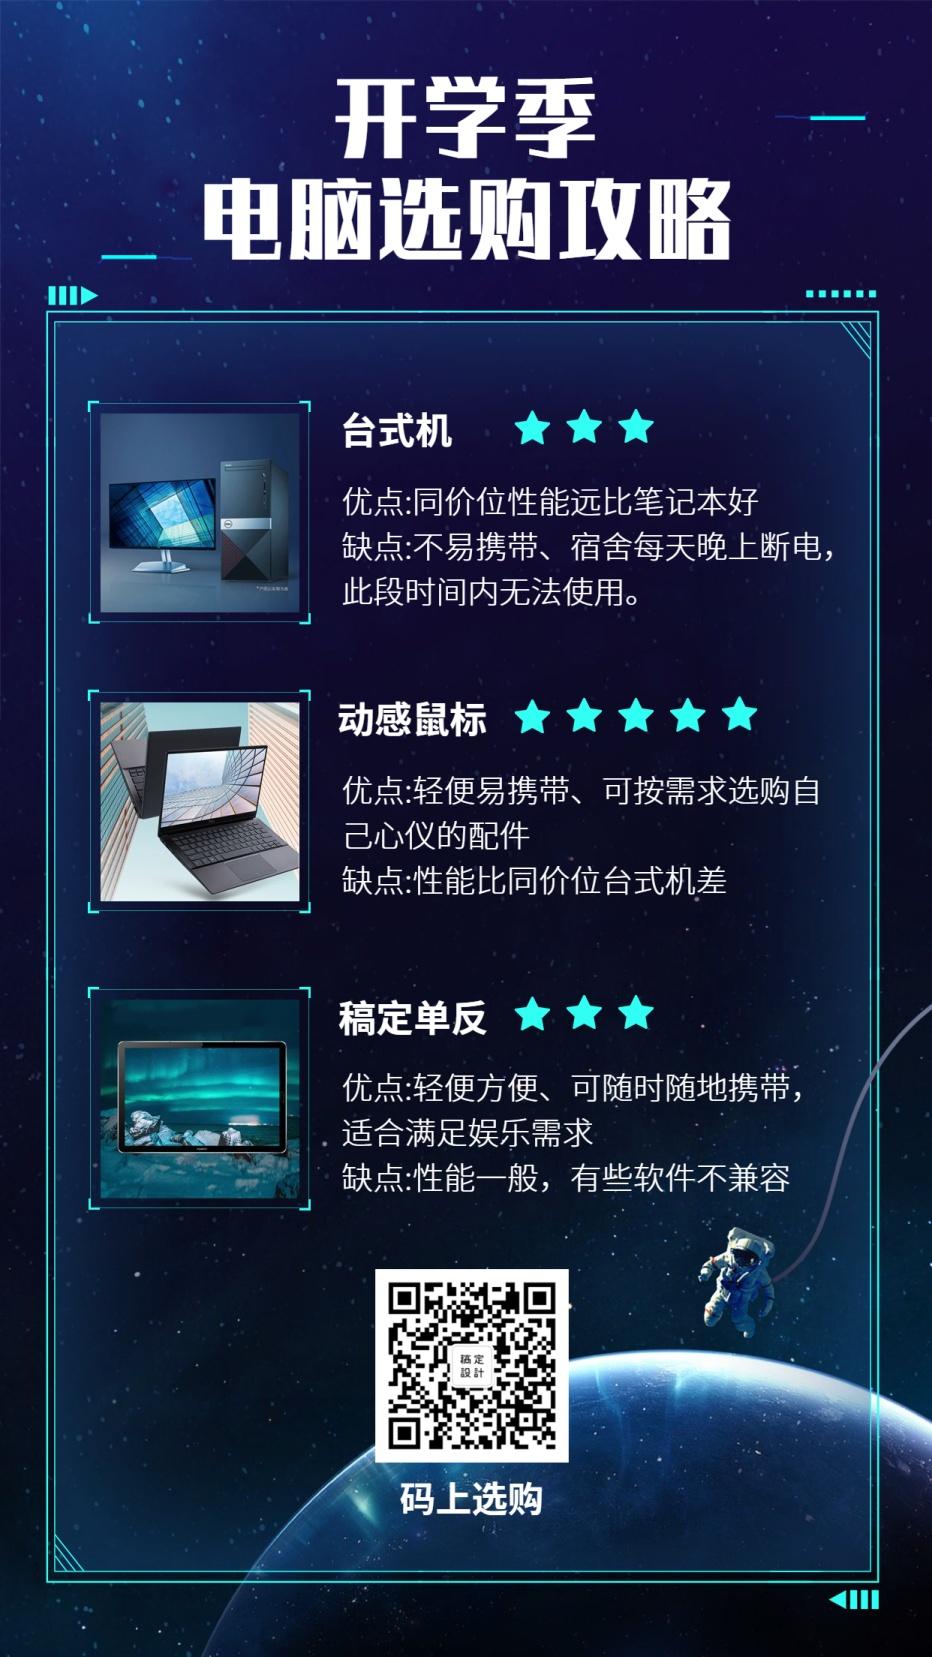 开学季/电脑选购攻略/科技/手机海报